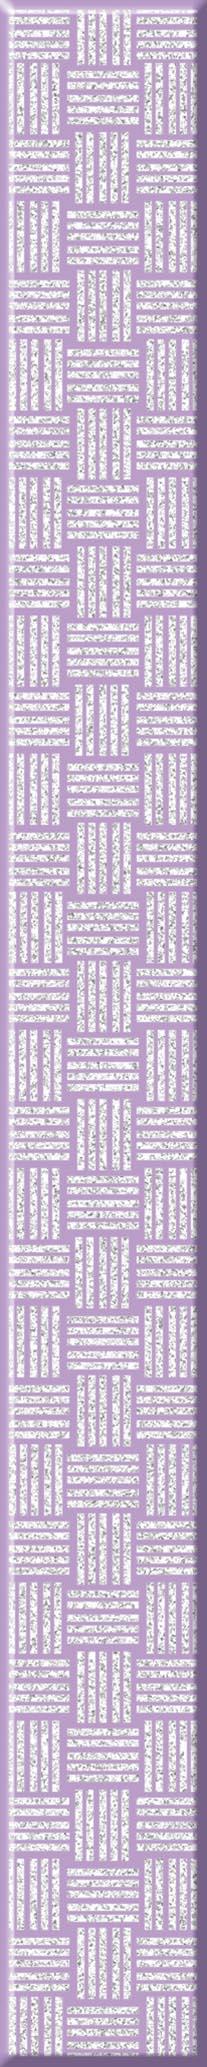 Бордюр стеклянный Rovese (cersanit)Керамическая плитка<br>Коллекция: Glass,<br>Тип: бордюр,<br>Место укладки: стены,<br>Назначение плитки: для ванной комнаты, туалета,<br>Цвет: фиолетовый,<br>Поверхность: глянцевая,<br>Размер плитки: 40х350,<br>Толщина: 7,<br>Страна происхождения: Россия,<br>Количество в упаковке: 1<br>